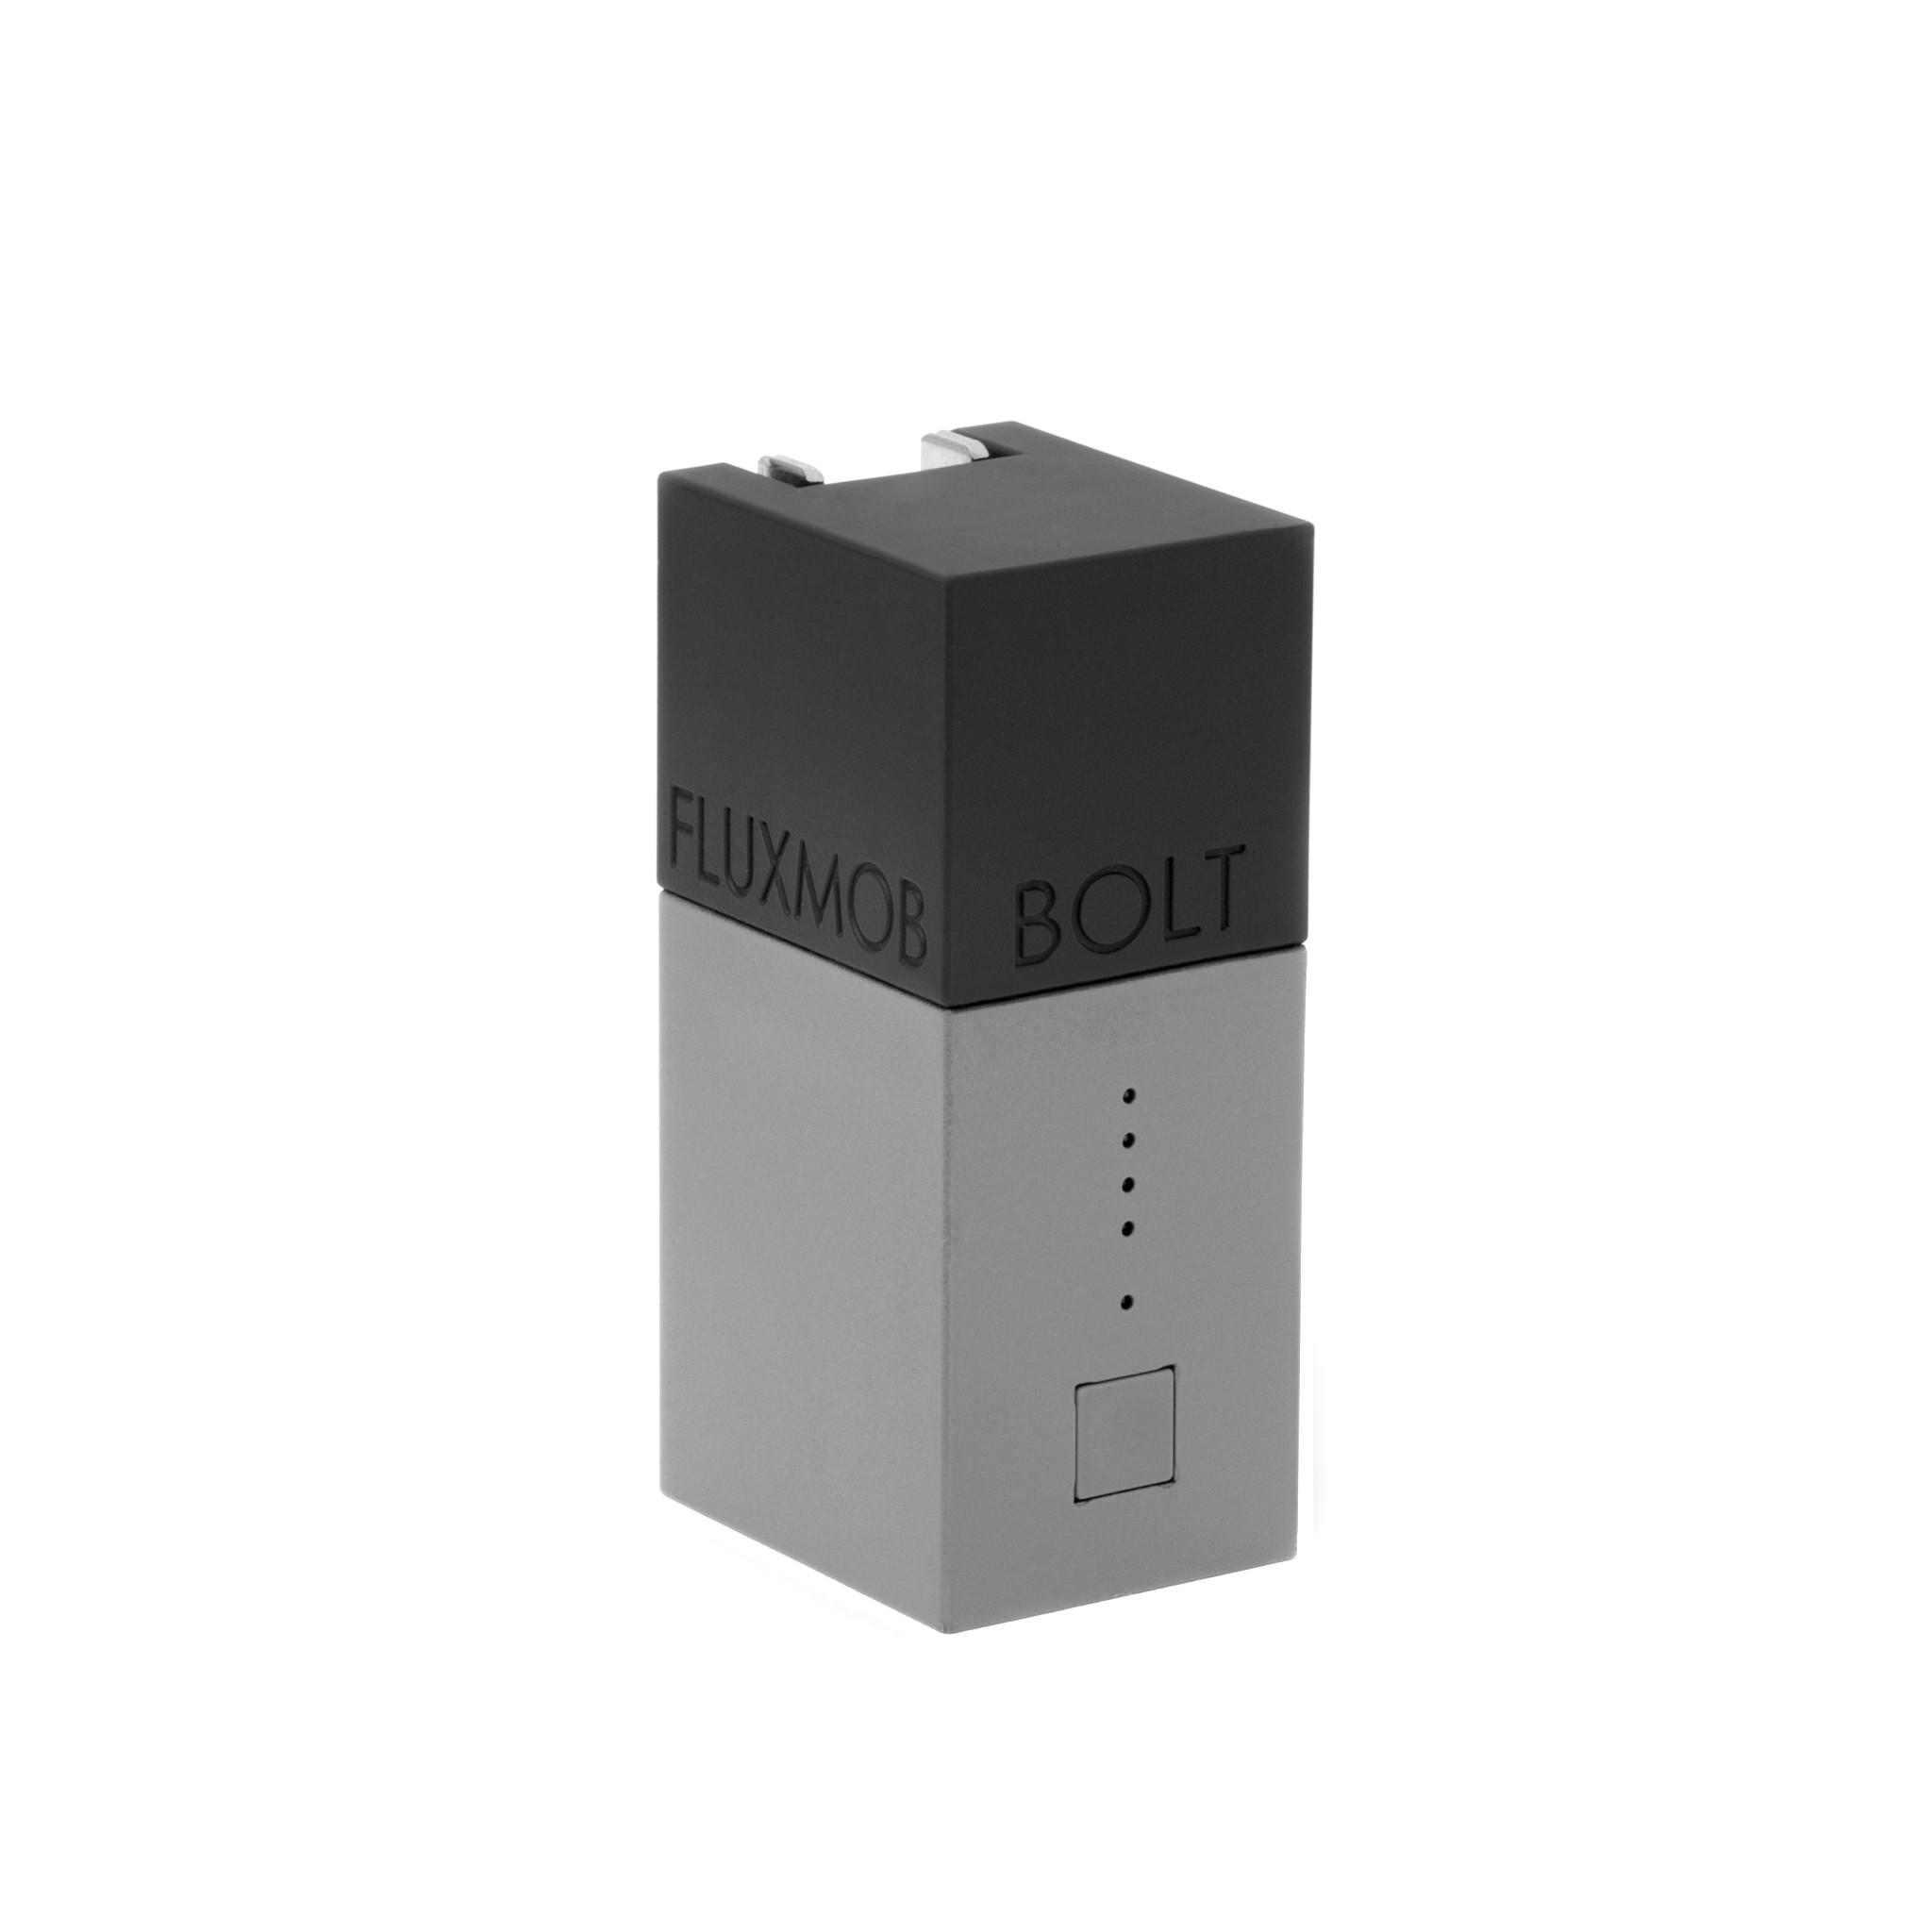 Fluxmob Bolt - �adowarka sieciowa i akumulatorowa w jednym